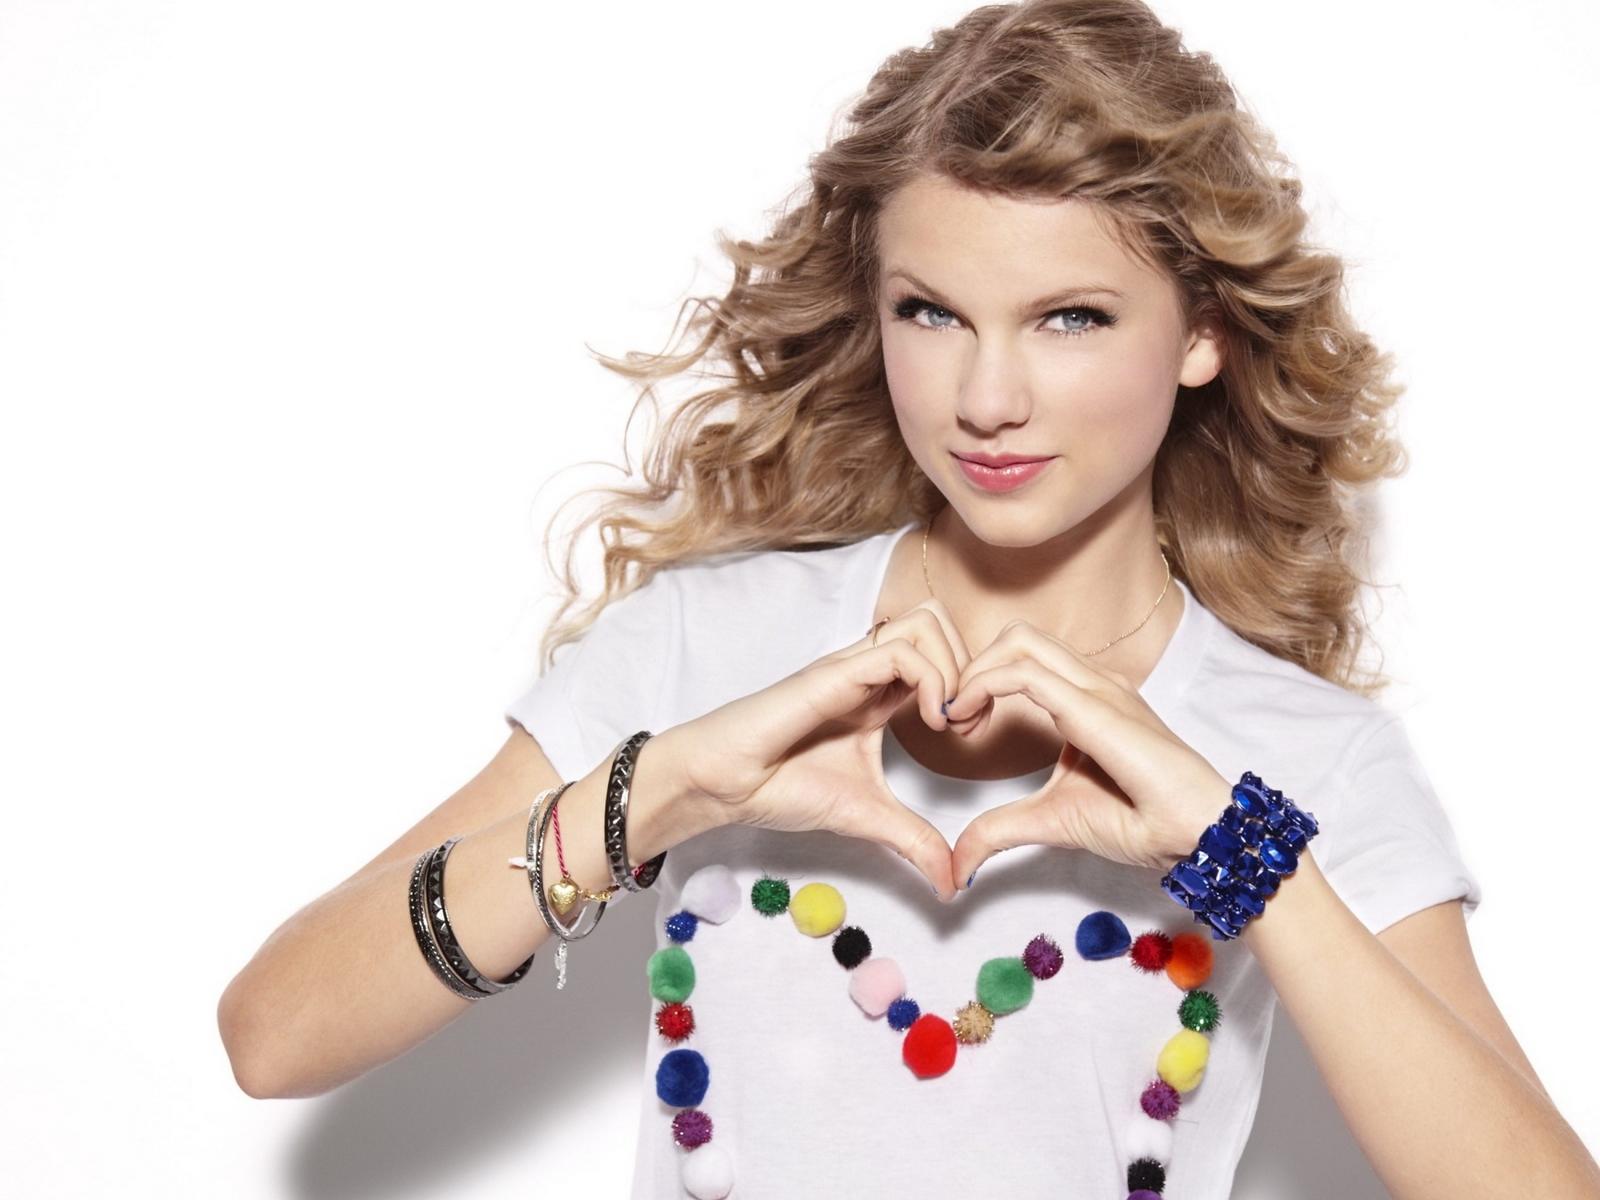 Cute Ukulele Wallpaper Taylor Swift Wallpaper Hd Images Pixelstalk Net